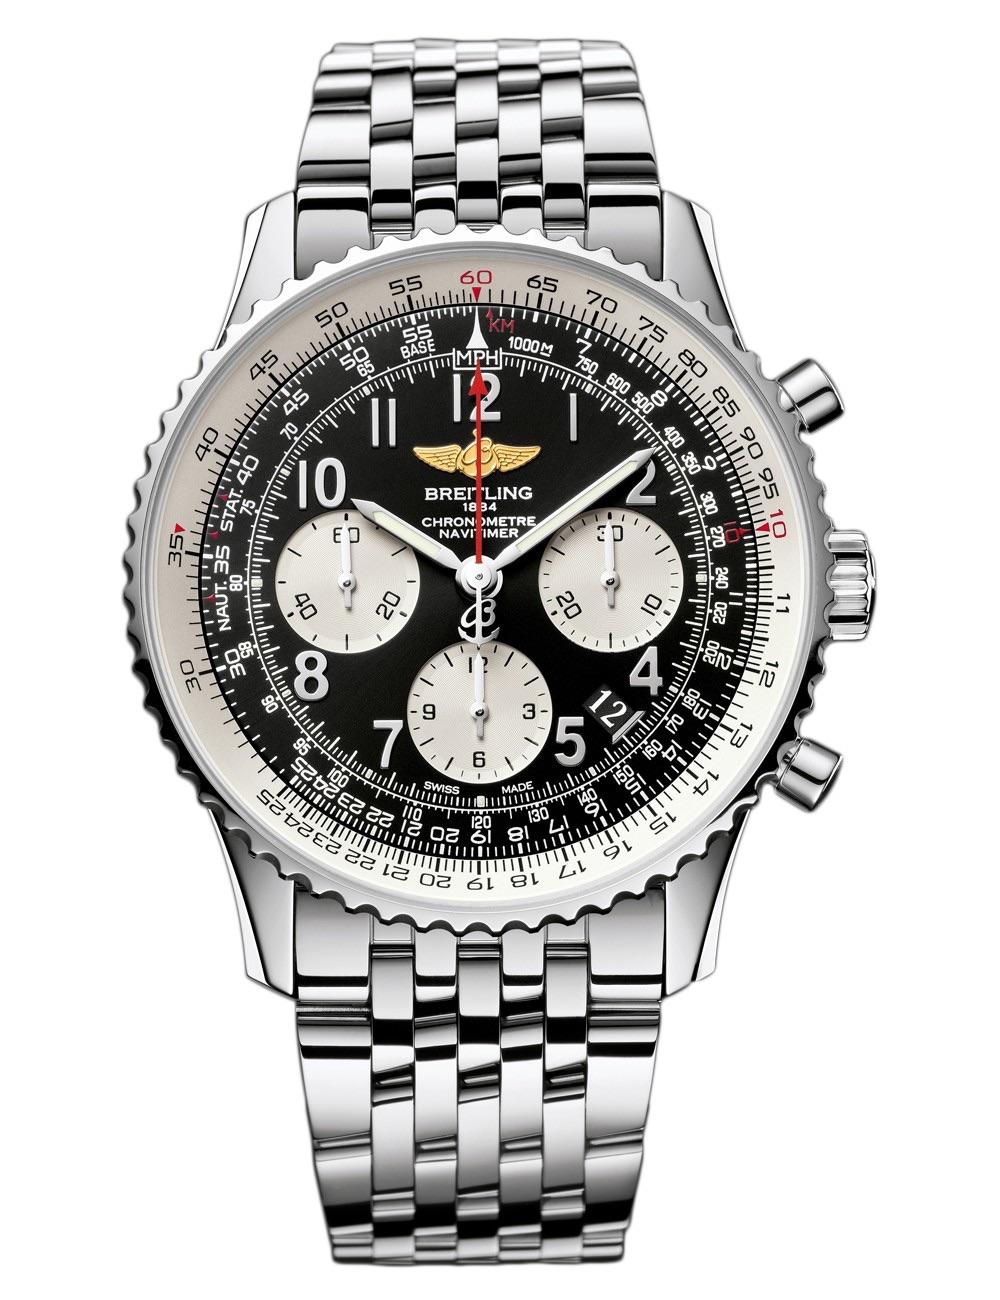 Armbanduhr breitling  Suche Uhr ähnlich Breitling Navitimer 01 - UhrForum